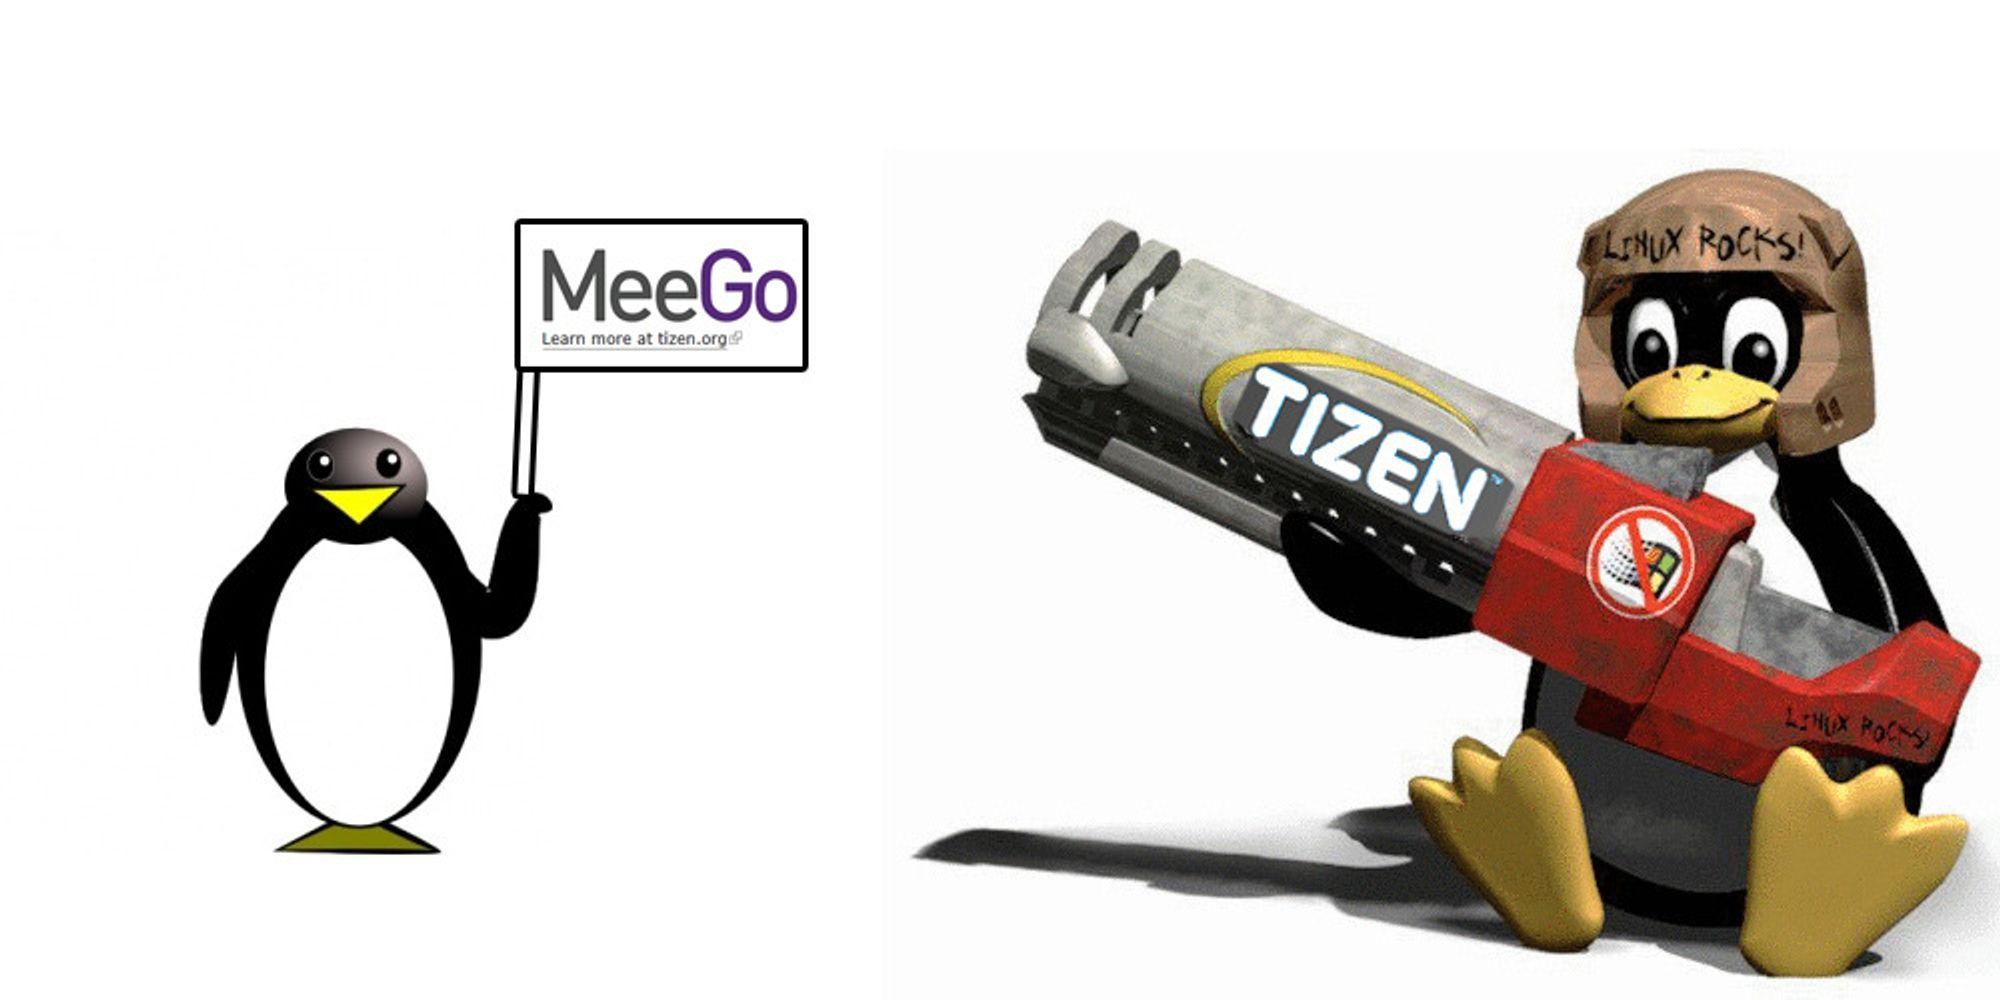 Intel og Samsung halshugger MeeGo